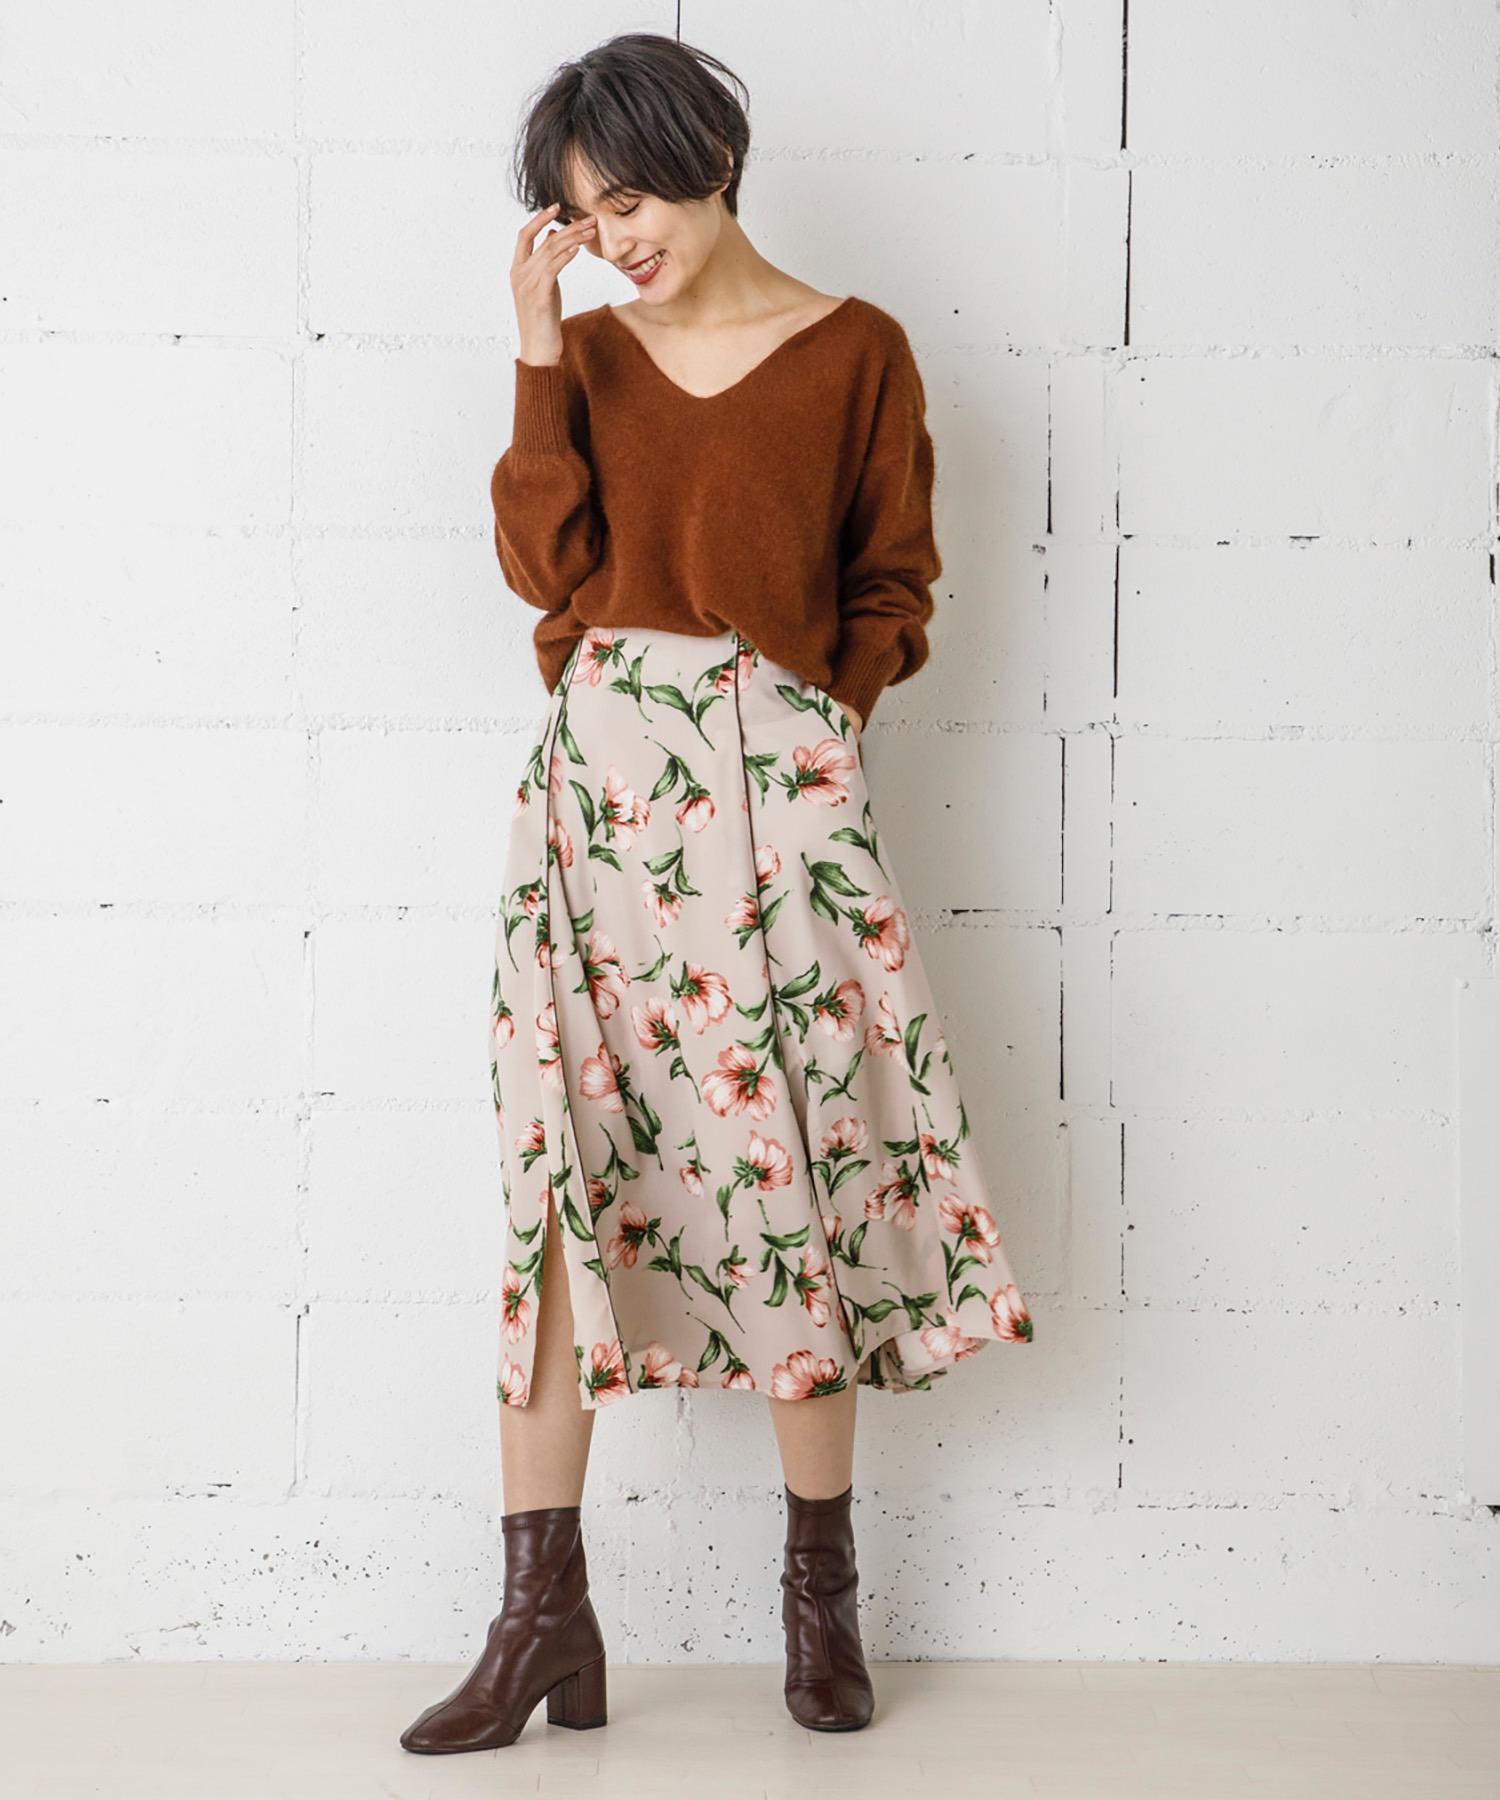 【STYLEBAR】ヴィンテージフラワーフレアスカート